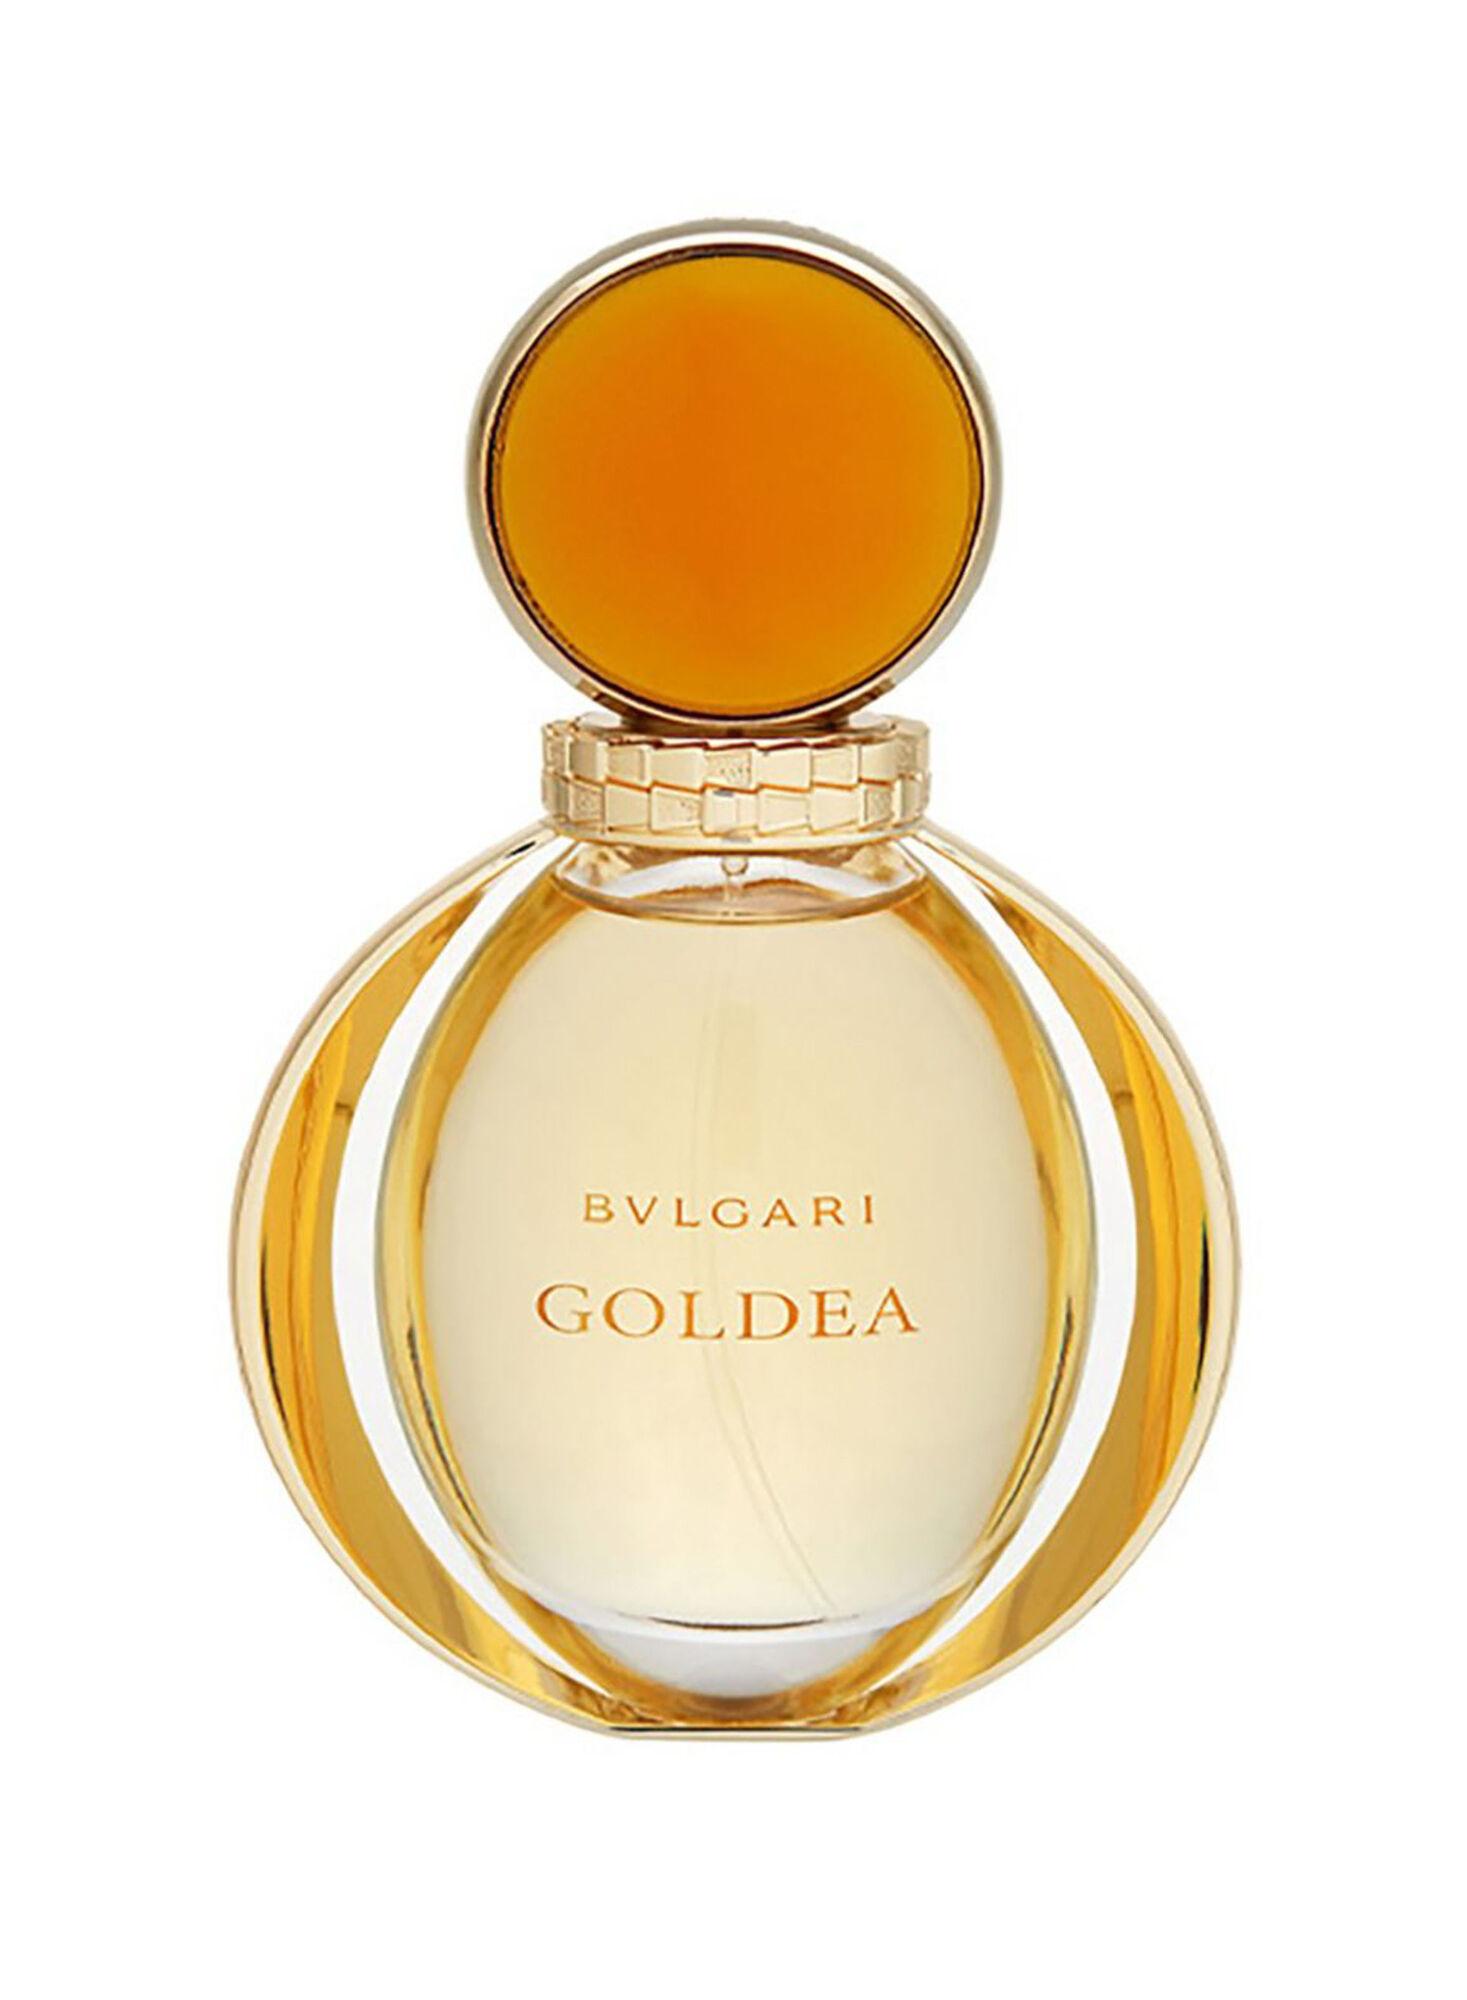 6de4be90386 Perfume Bvlgari Goldea EDP 90 ml - Perfumes Mujer